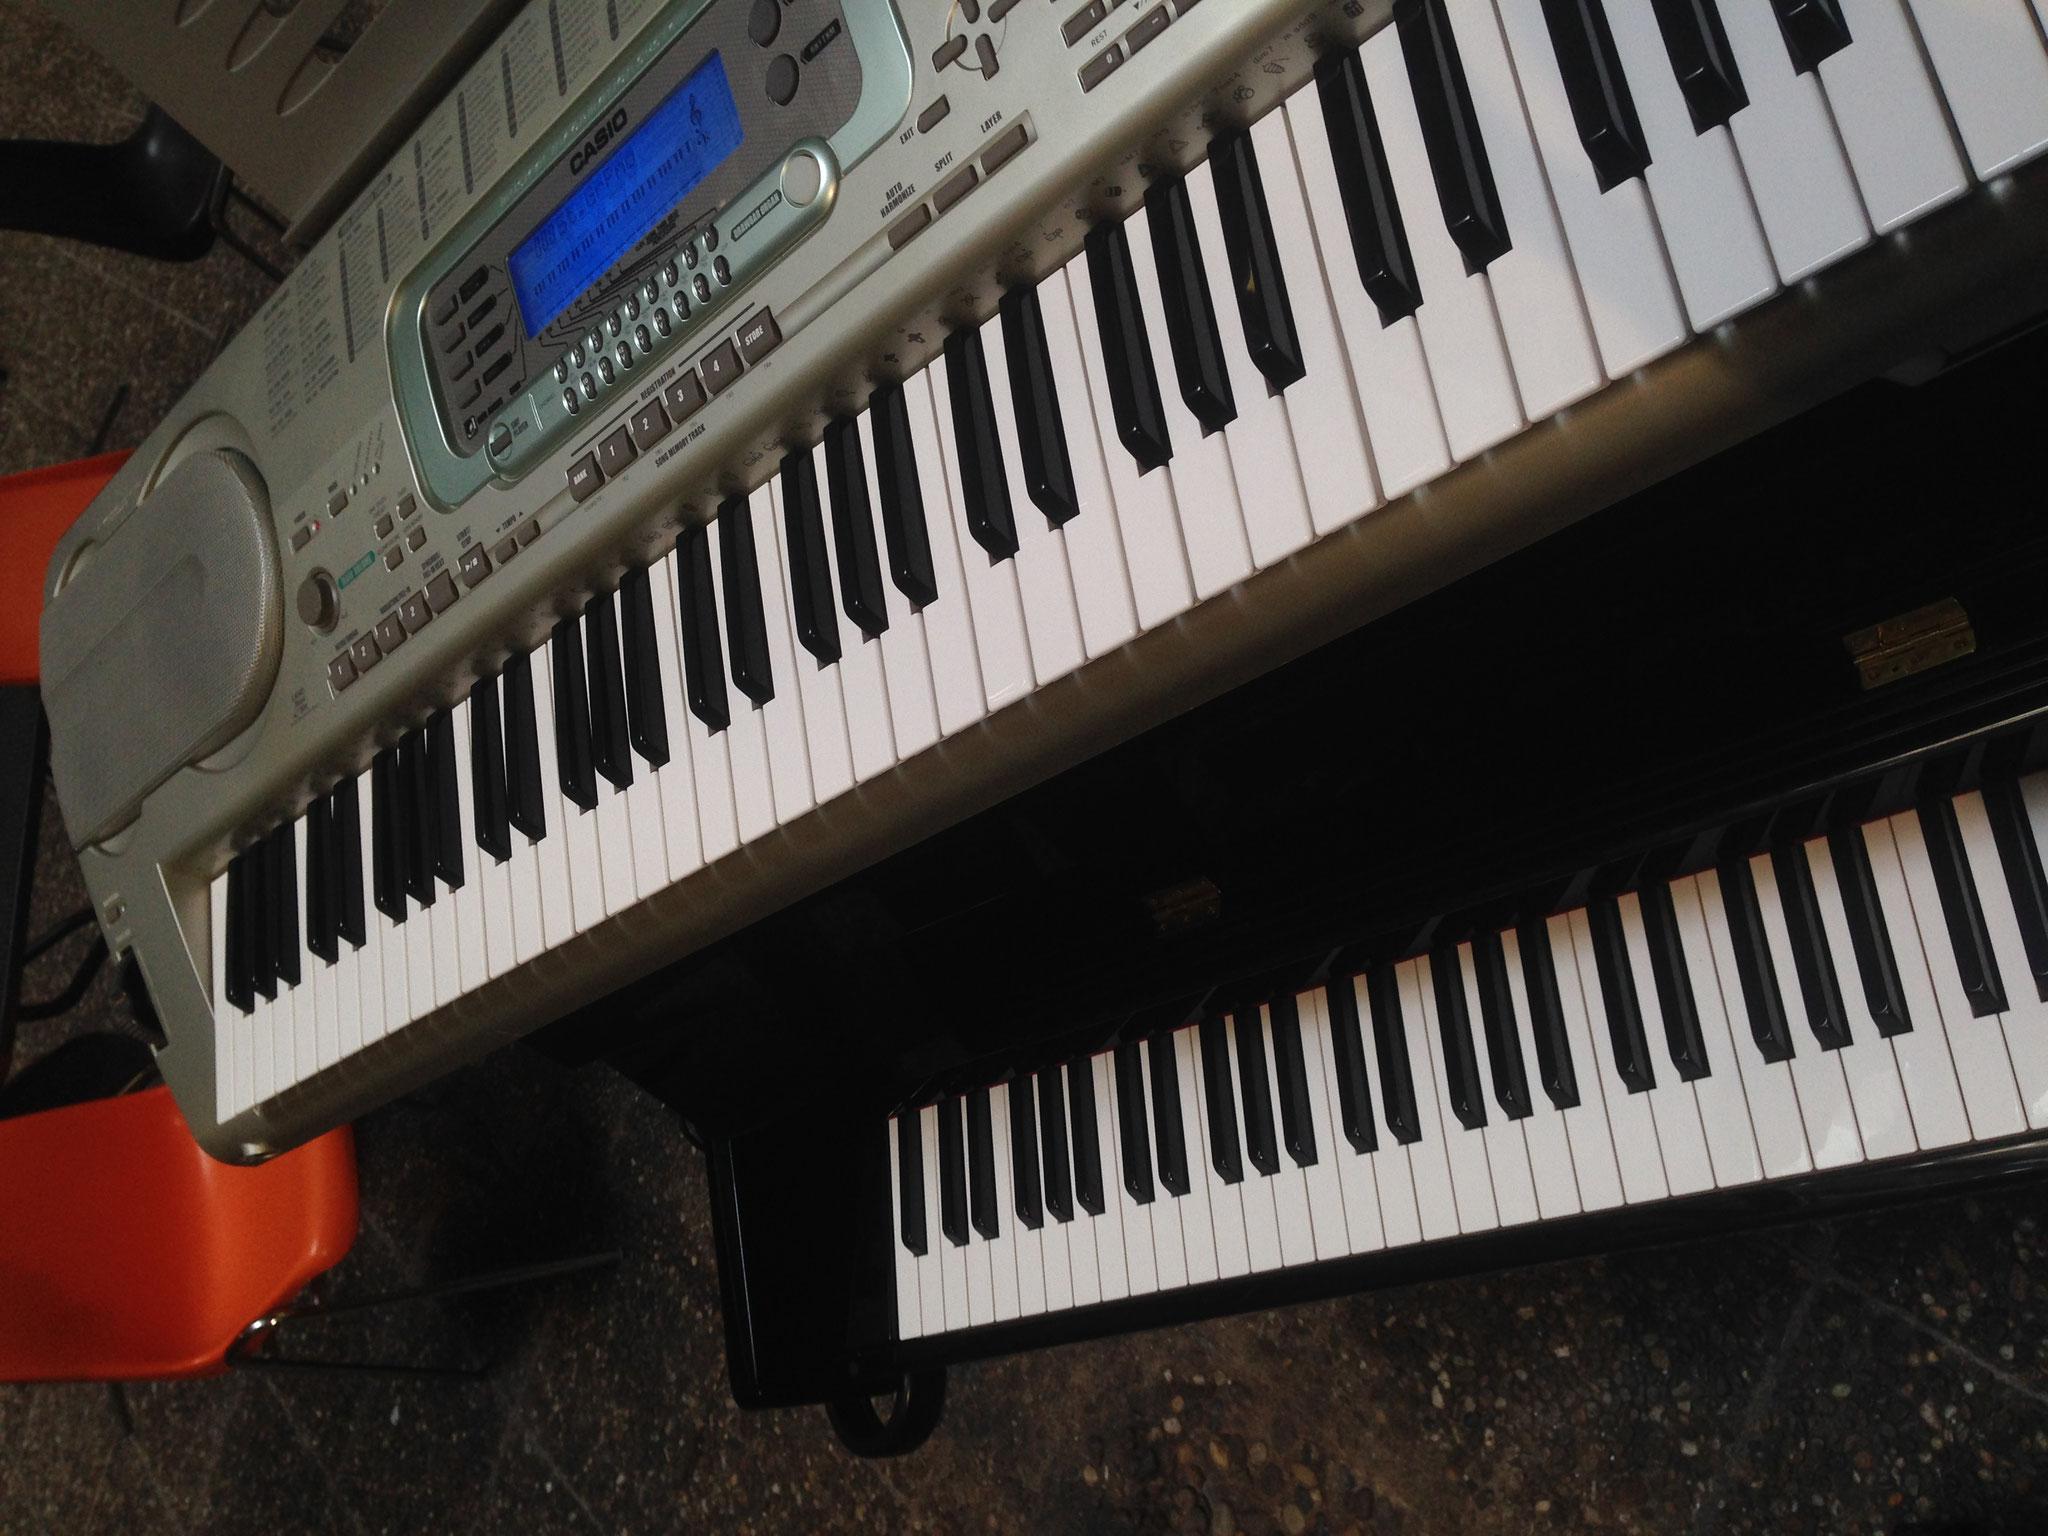 Das fahrbare Klavier. [Erspielt im Sep 2012; s. o.]